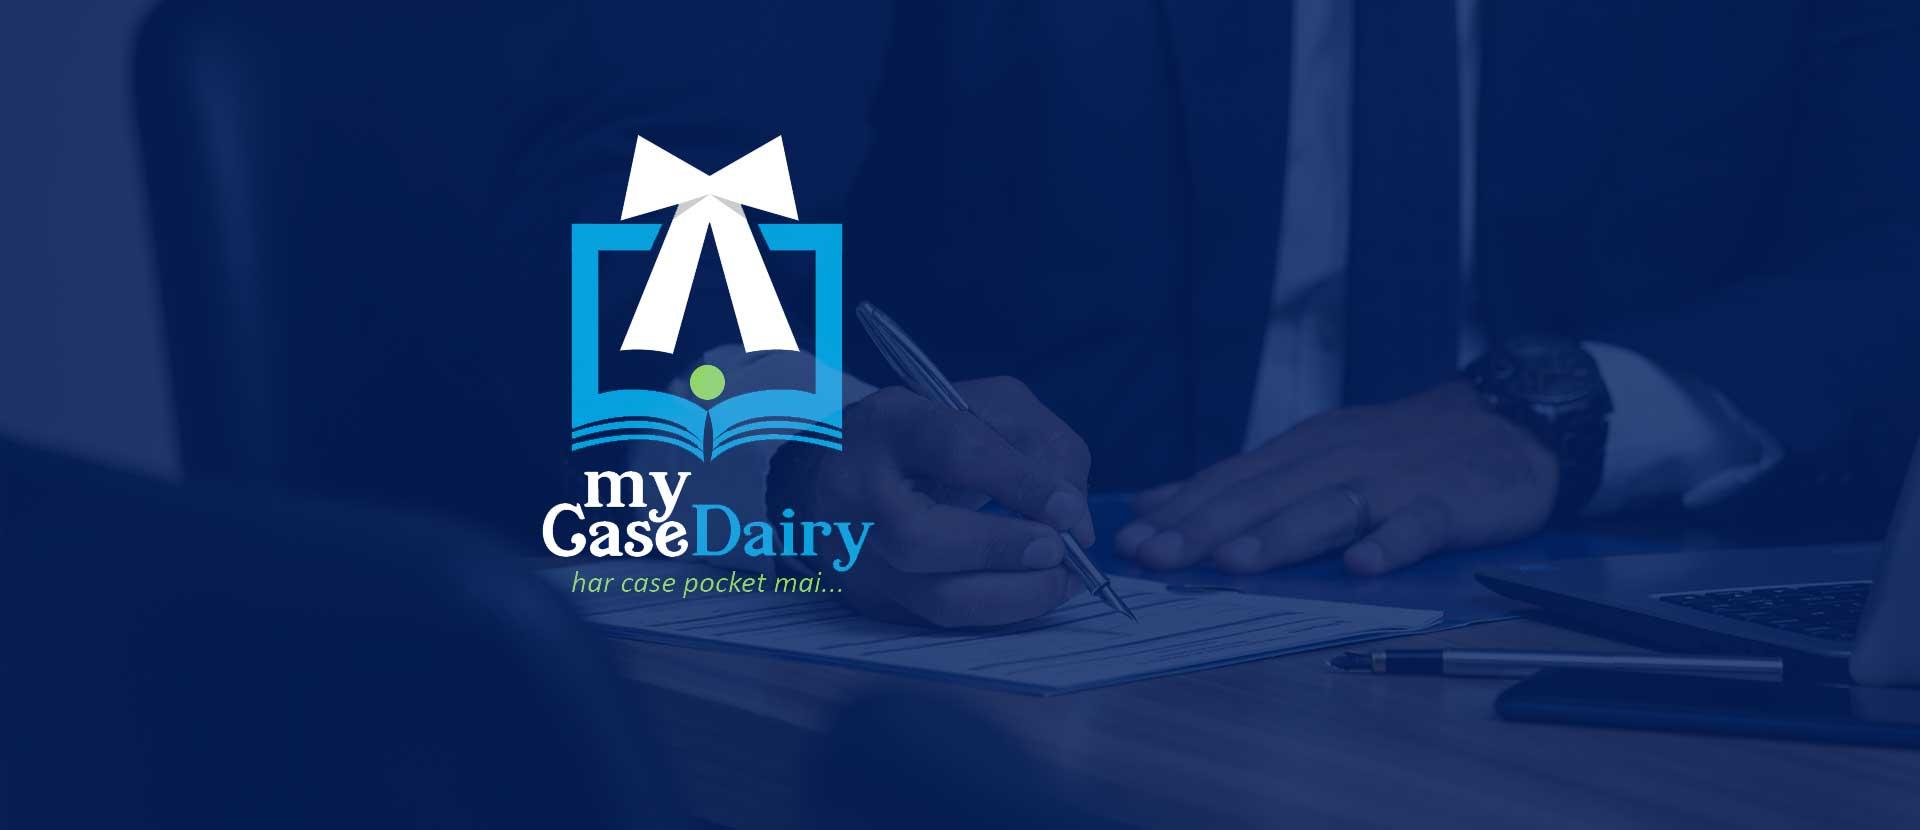 My Case Dairy